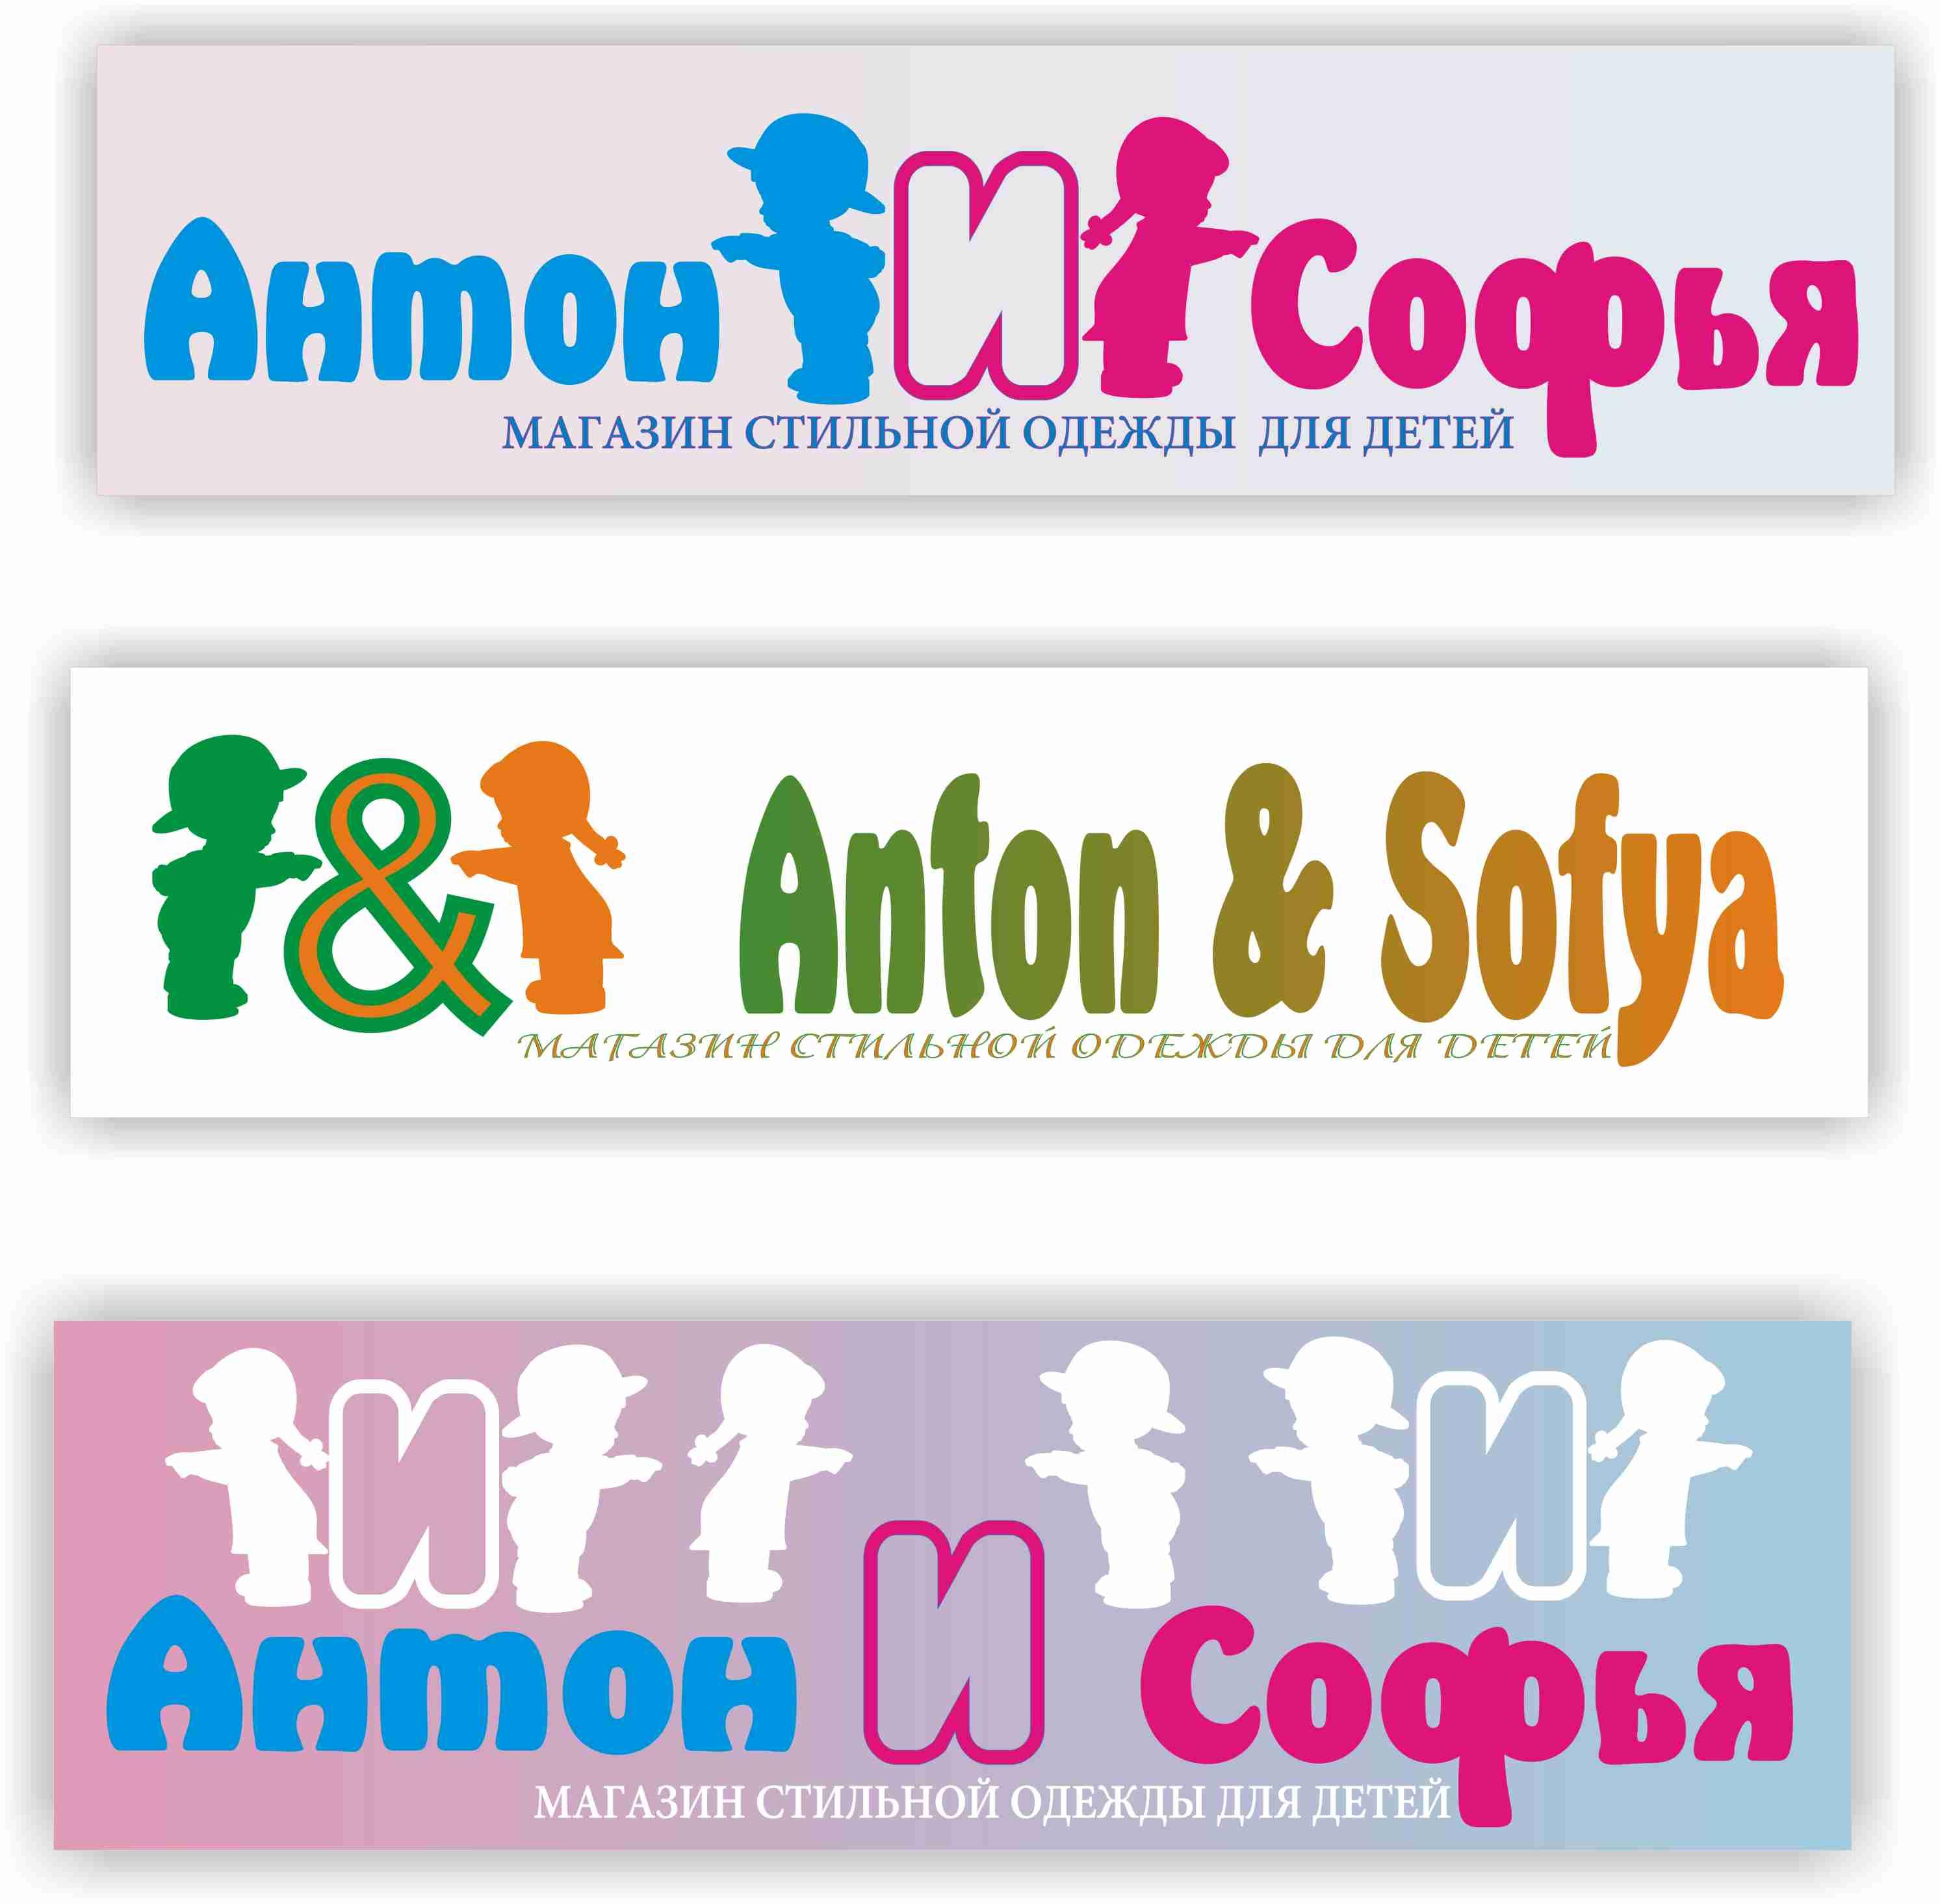 Логотип и вывеска для магазина детской одежды фото f_4c83dca4114a7.jpg